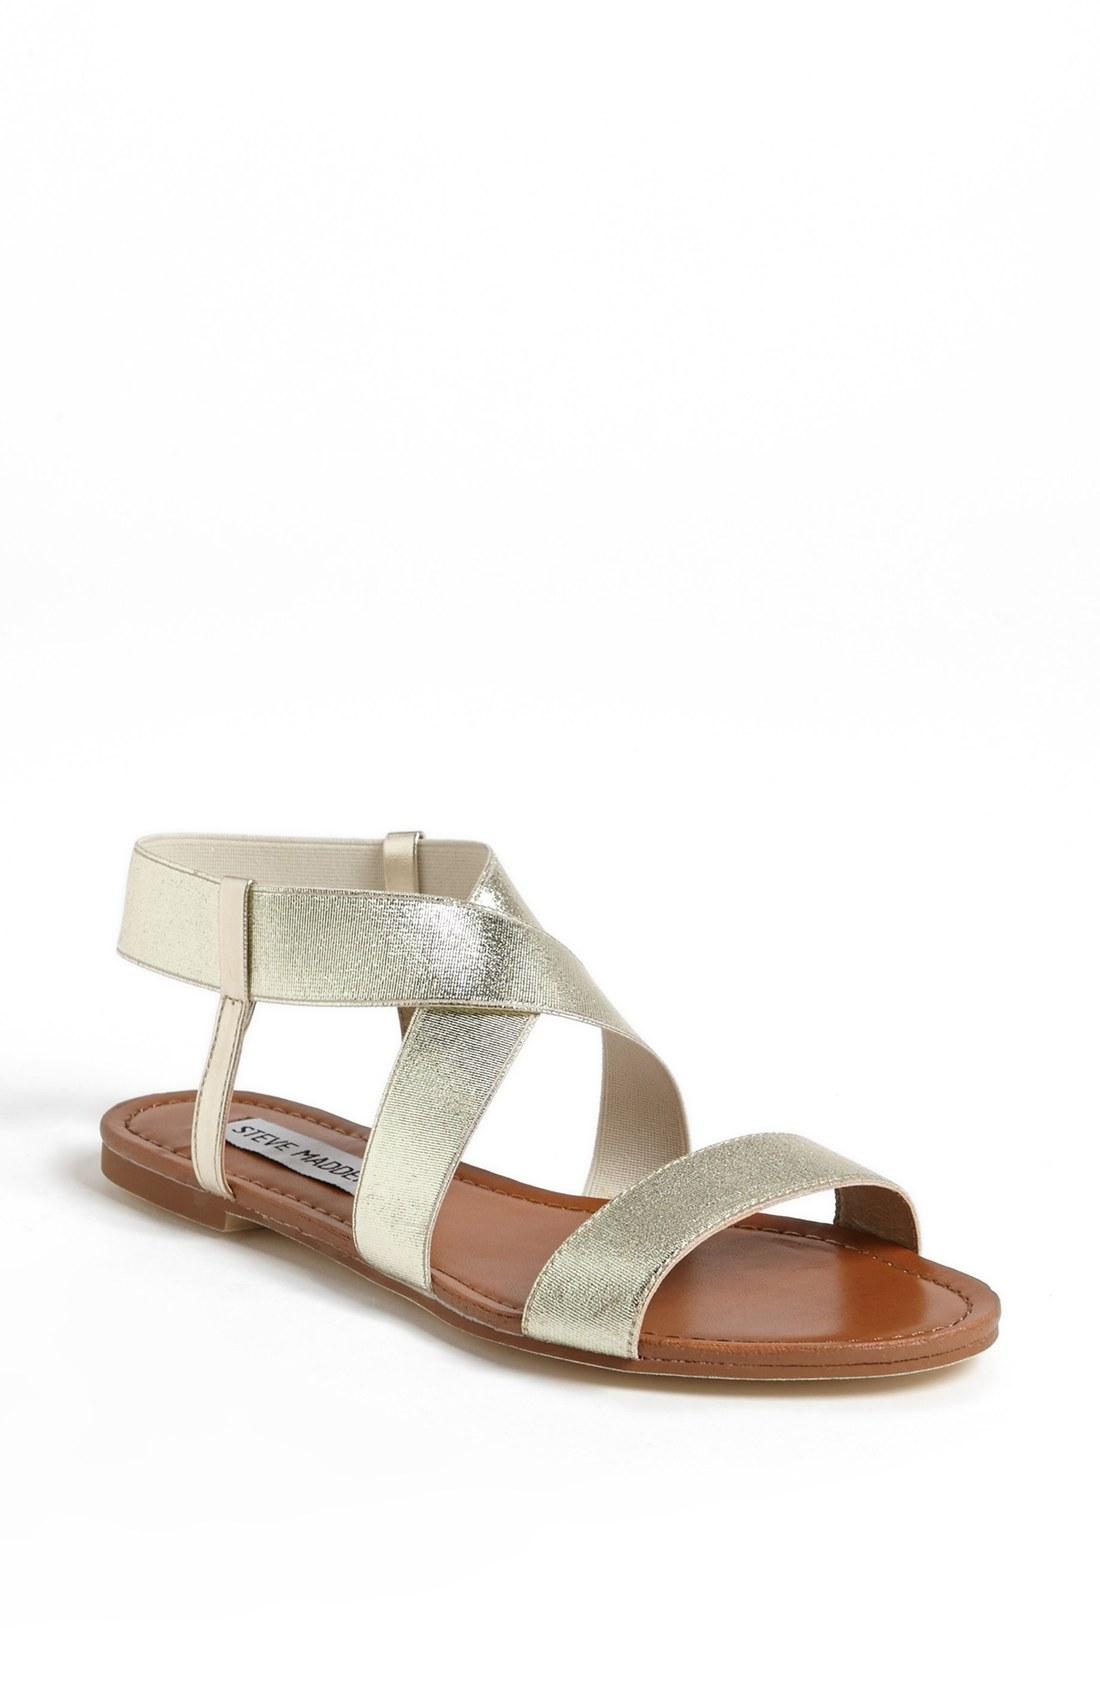 steve madden quake gladiator sandal in silver gold lyst. Black Bedroom Furniture Sets. Home Design Ideas